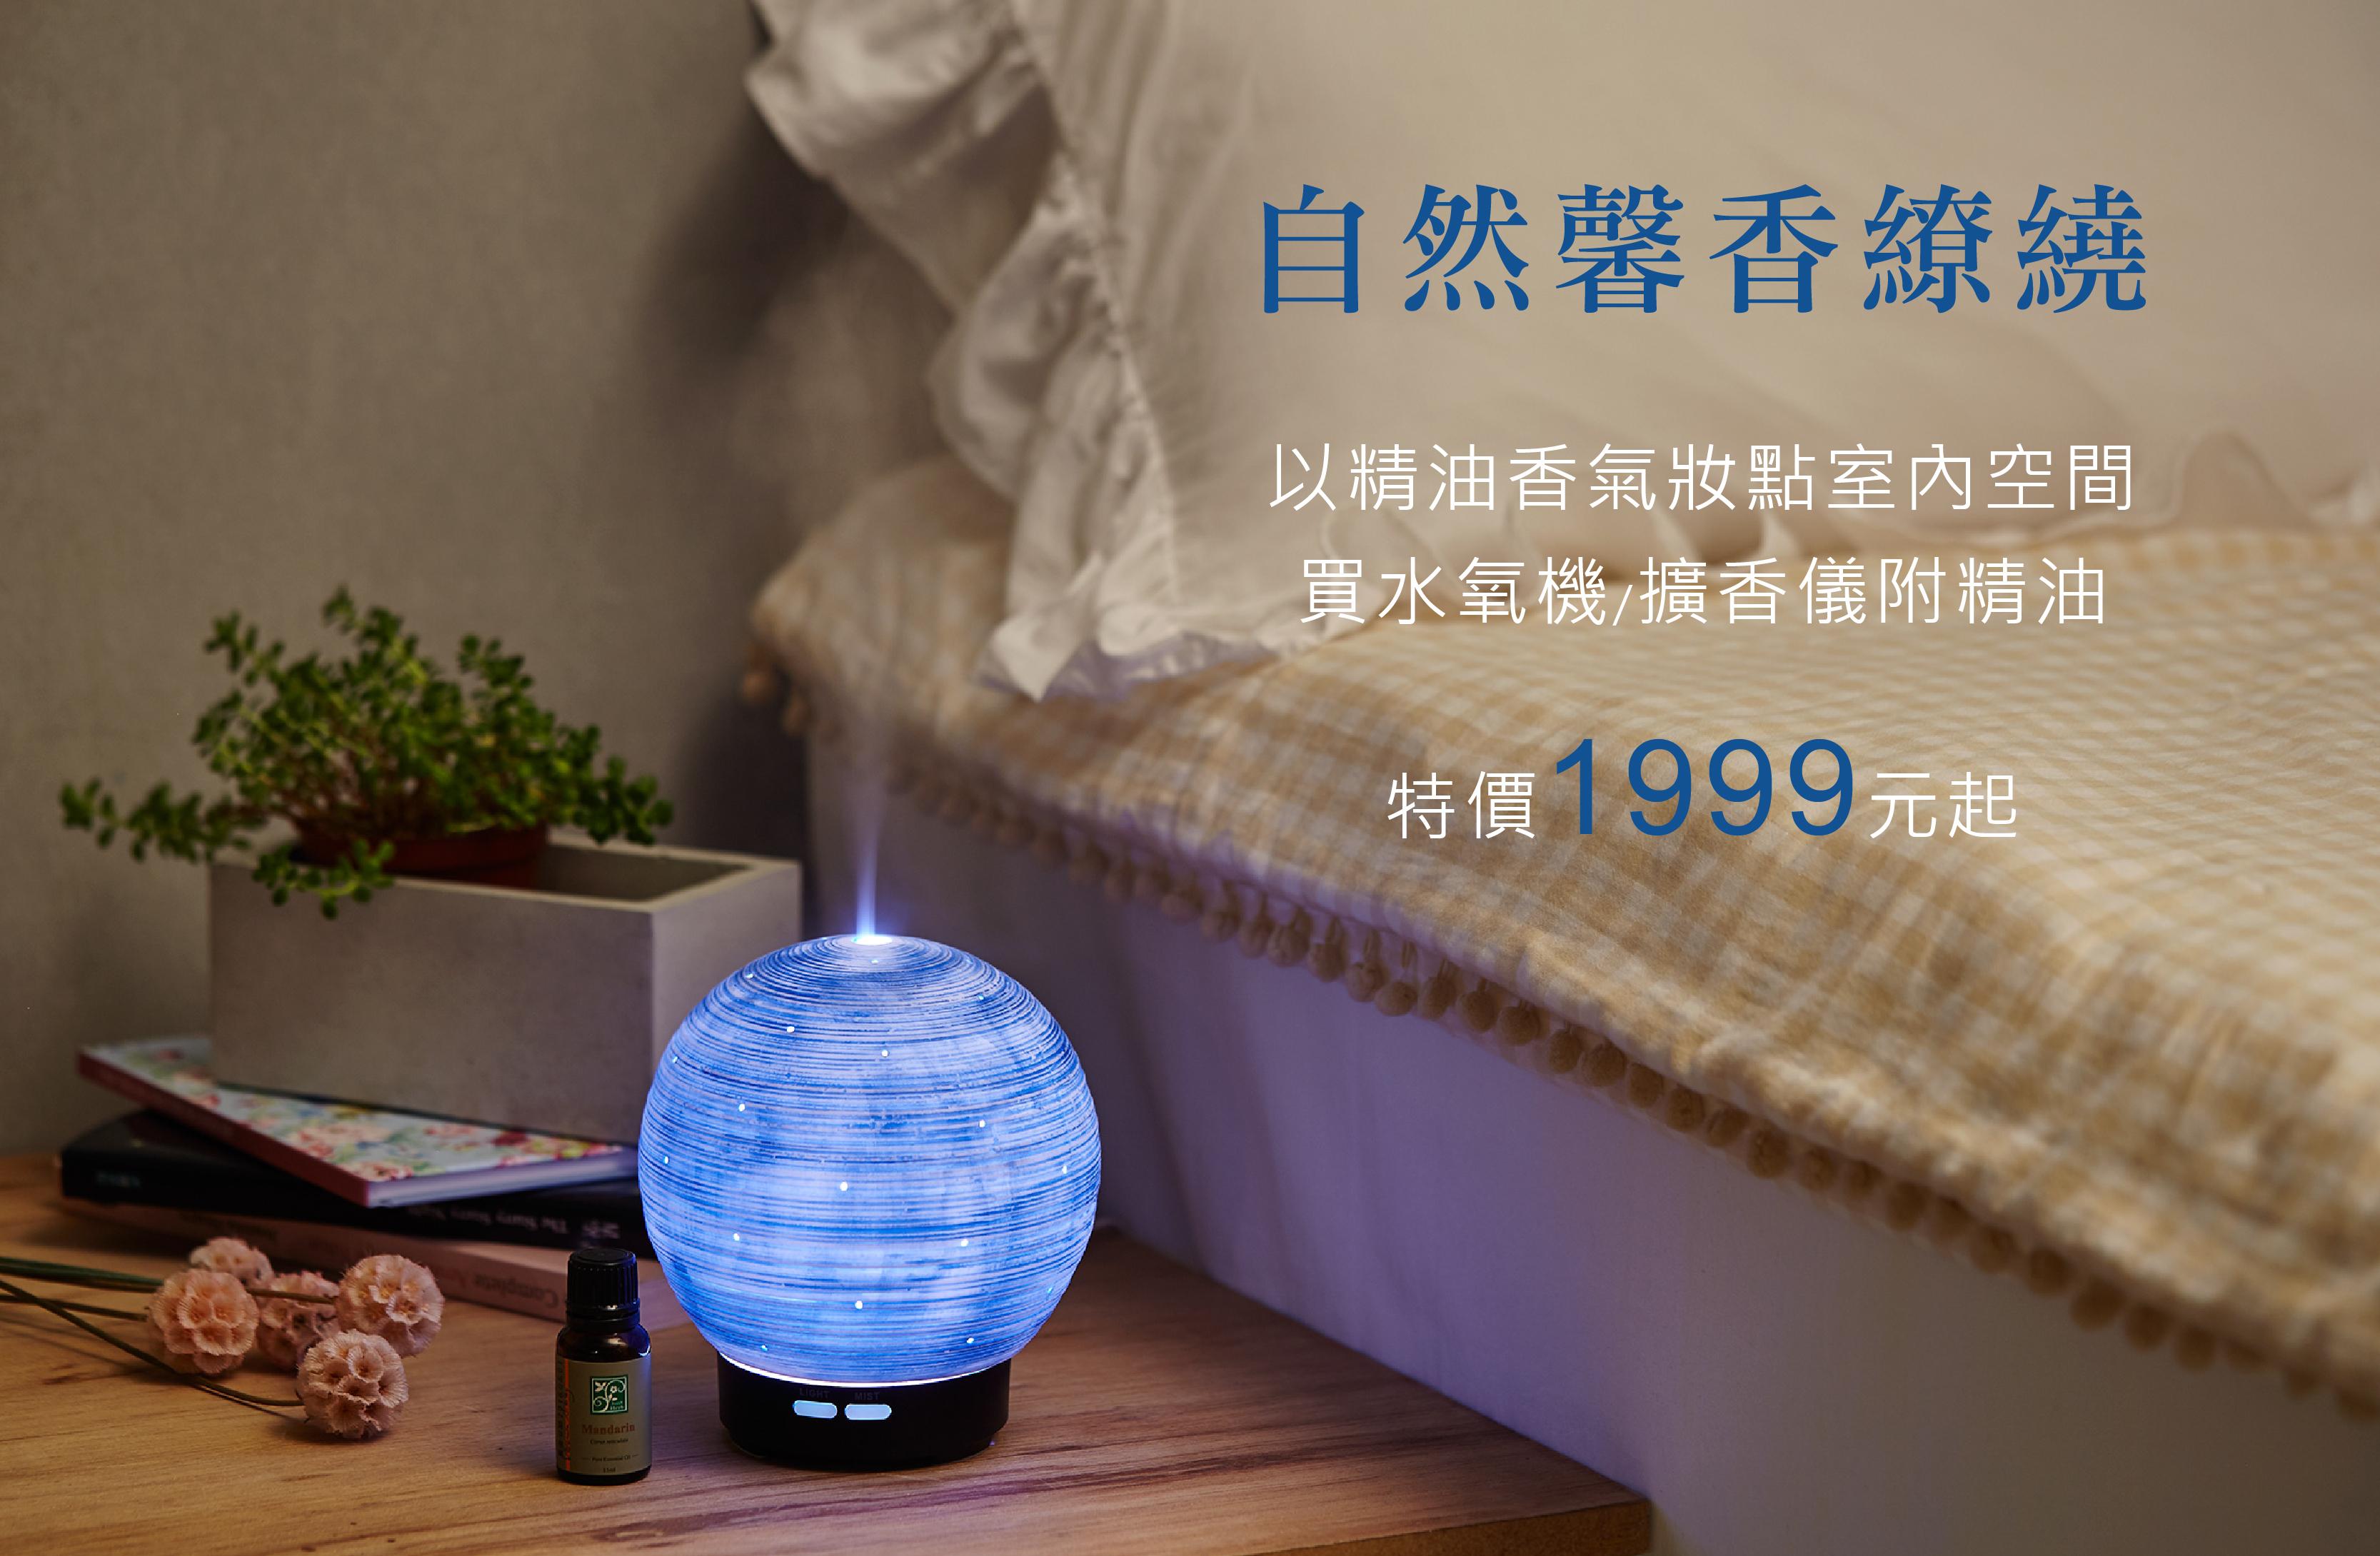 精油香氛水氧機 擴香儀 特價1999元起